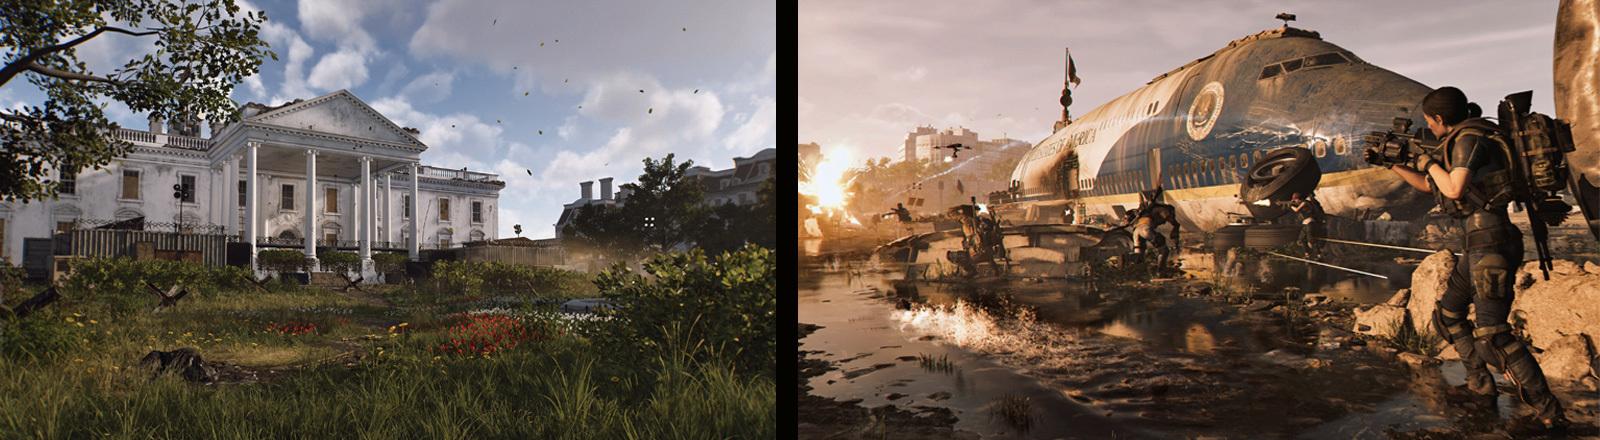 Abbildung des Weißen Hauses im Computerspiel The Division 2. Daneben ein Screenshot aus demselben Spiel. Hier ist ein beschossenes Flugzeug zu sehen und Menschen mit Maschinenpistolen.